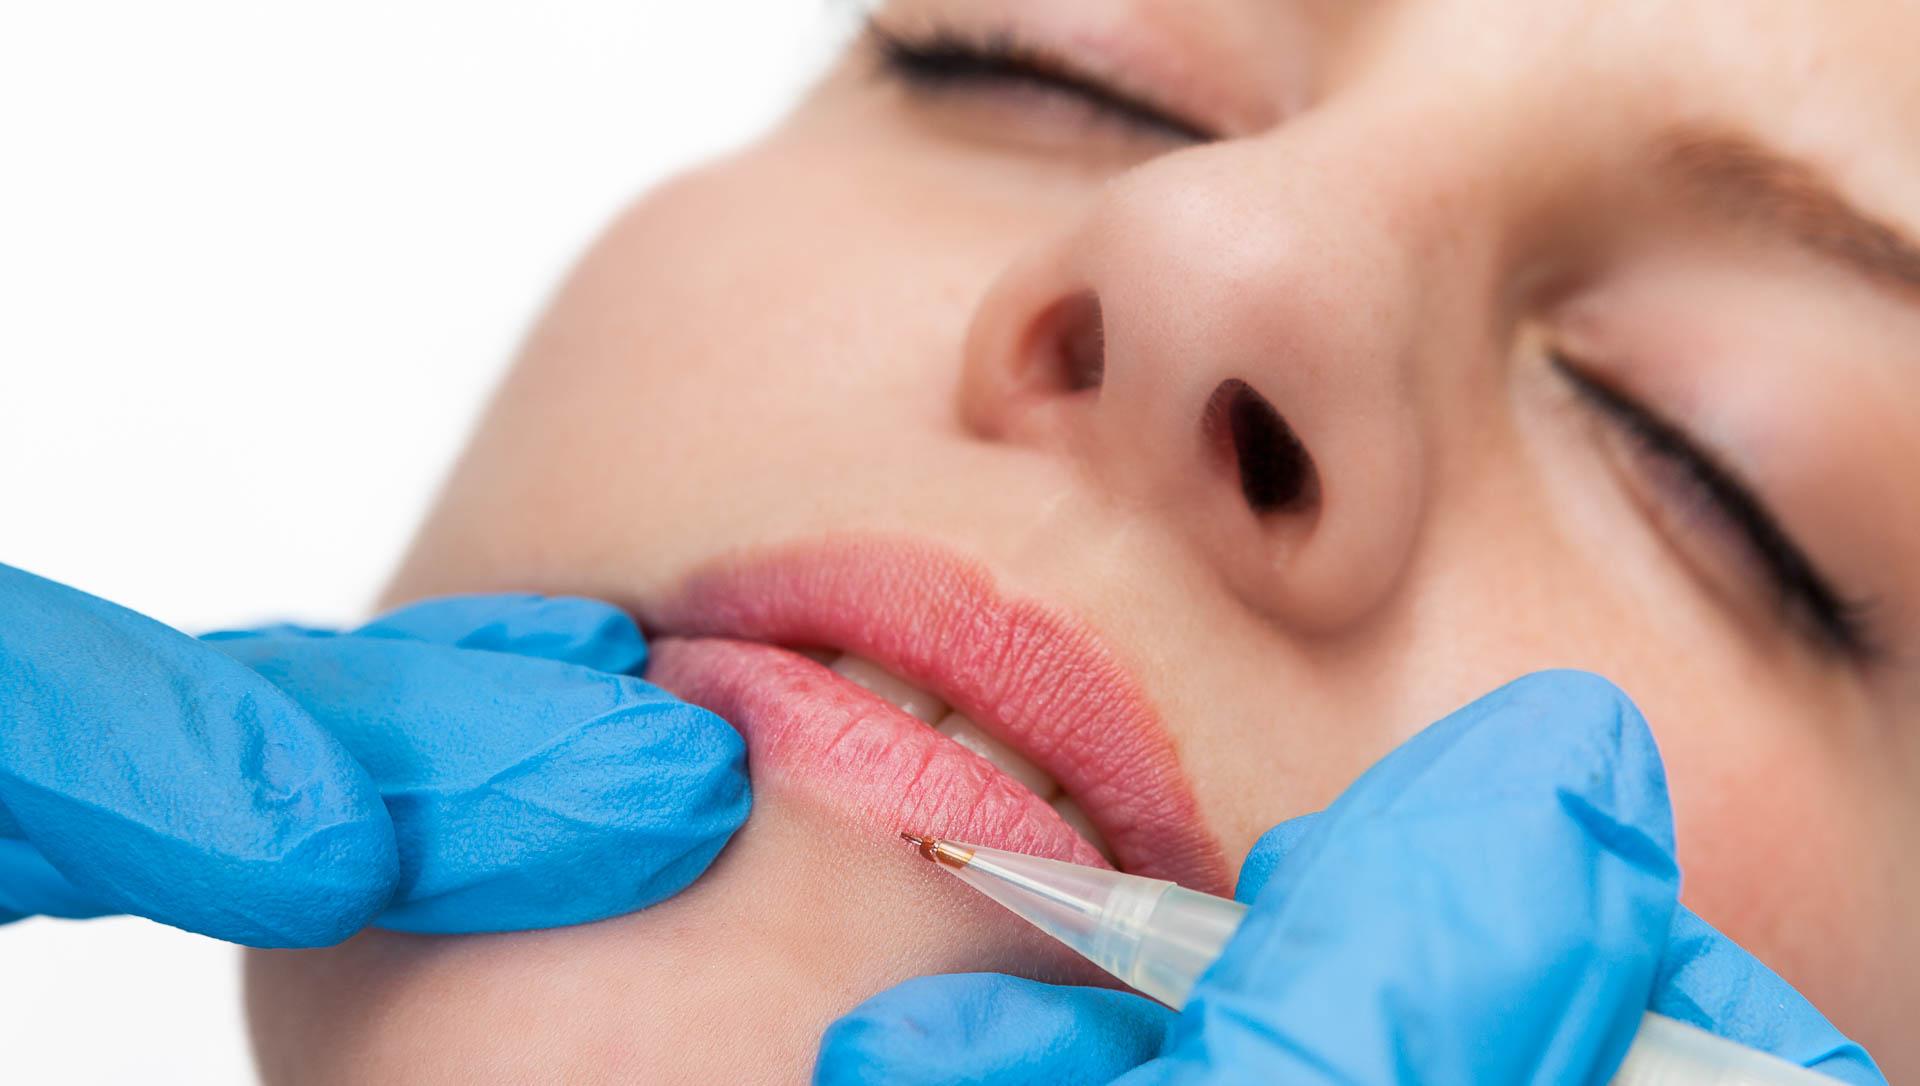 Micropigmentación, maquillaje, maquillaje permanente, maquillaje semipermanente, tratamiento estetico, Tratamientos esteticos, Centro de Estética, Estetica Avanzada, Tratamientos de estetica, Atelier de estetica